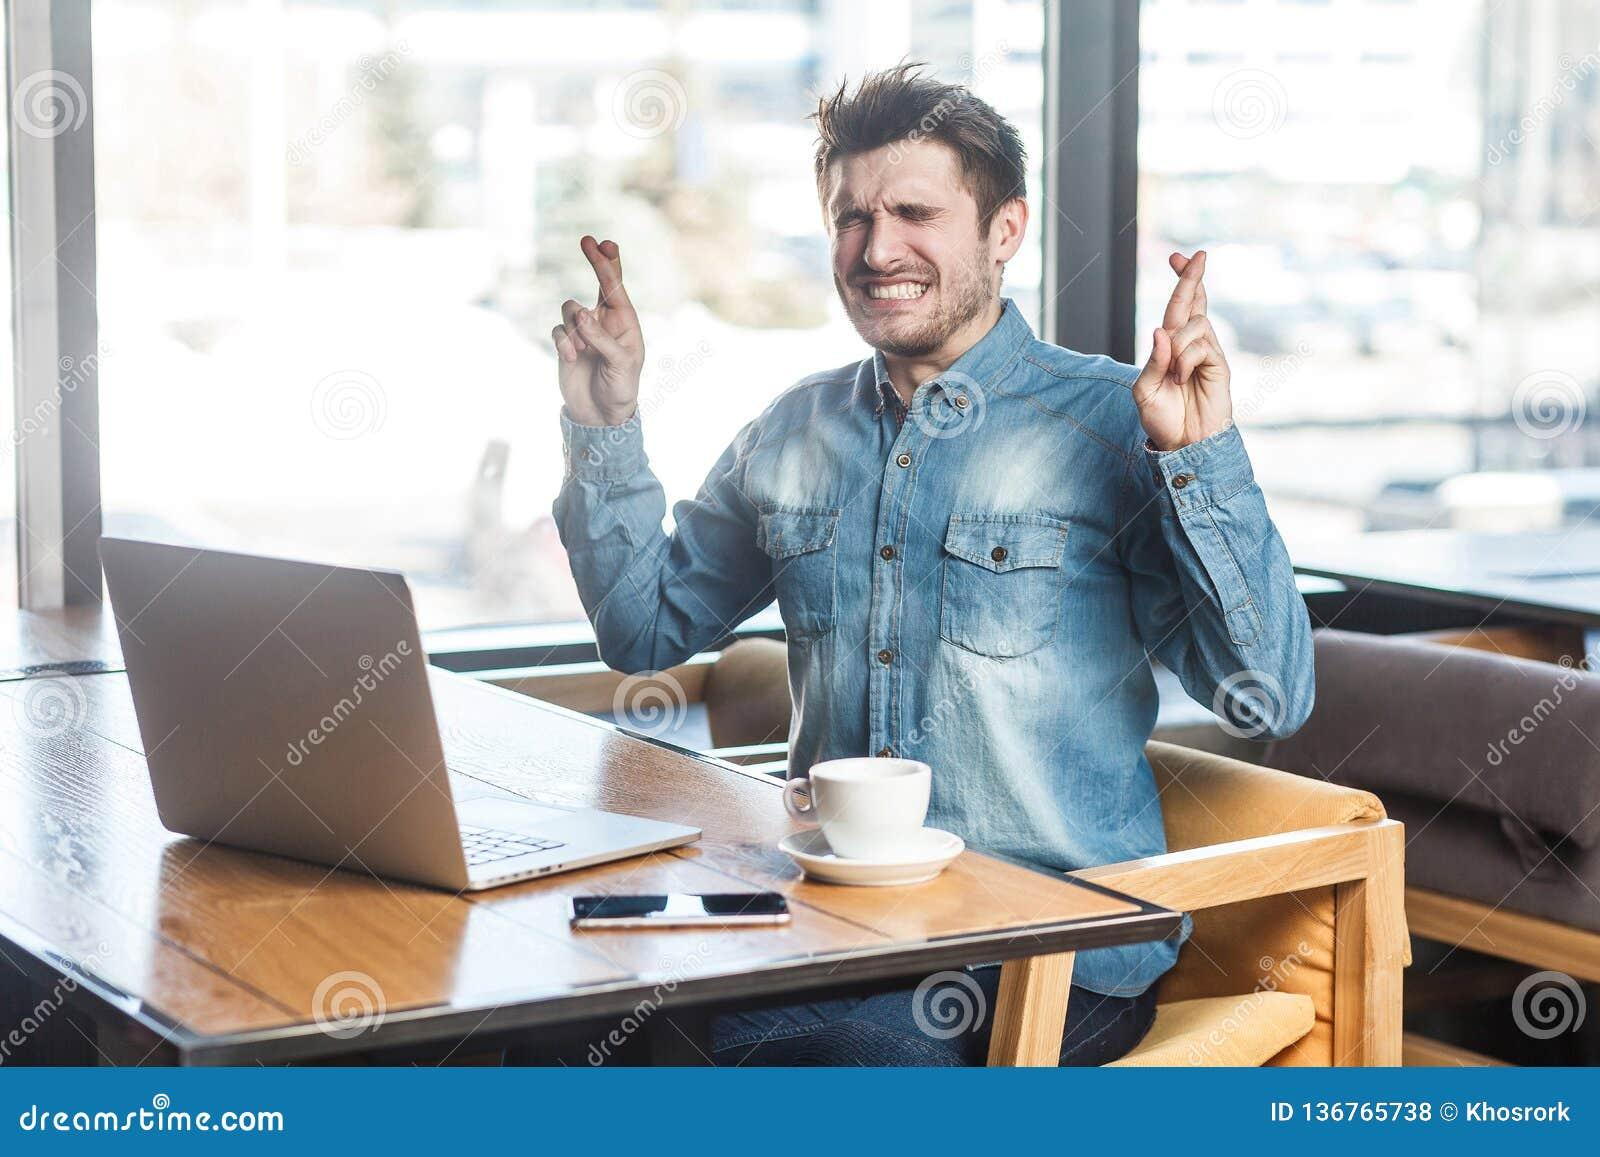 Ono modli się! Bocznego widoku portret wishful brodaty młody freelancer w niebiescy dżinsy koszula siedzi w kawiarni i działaniu